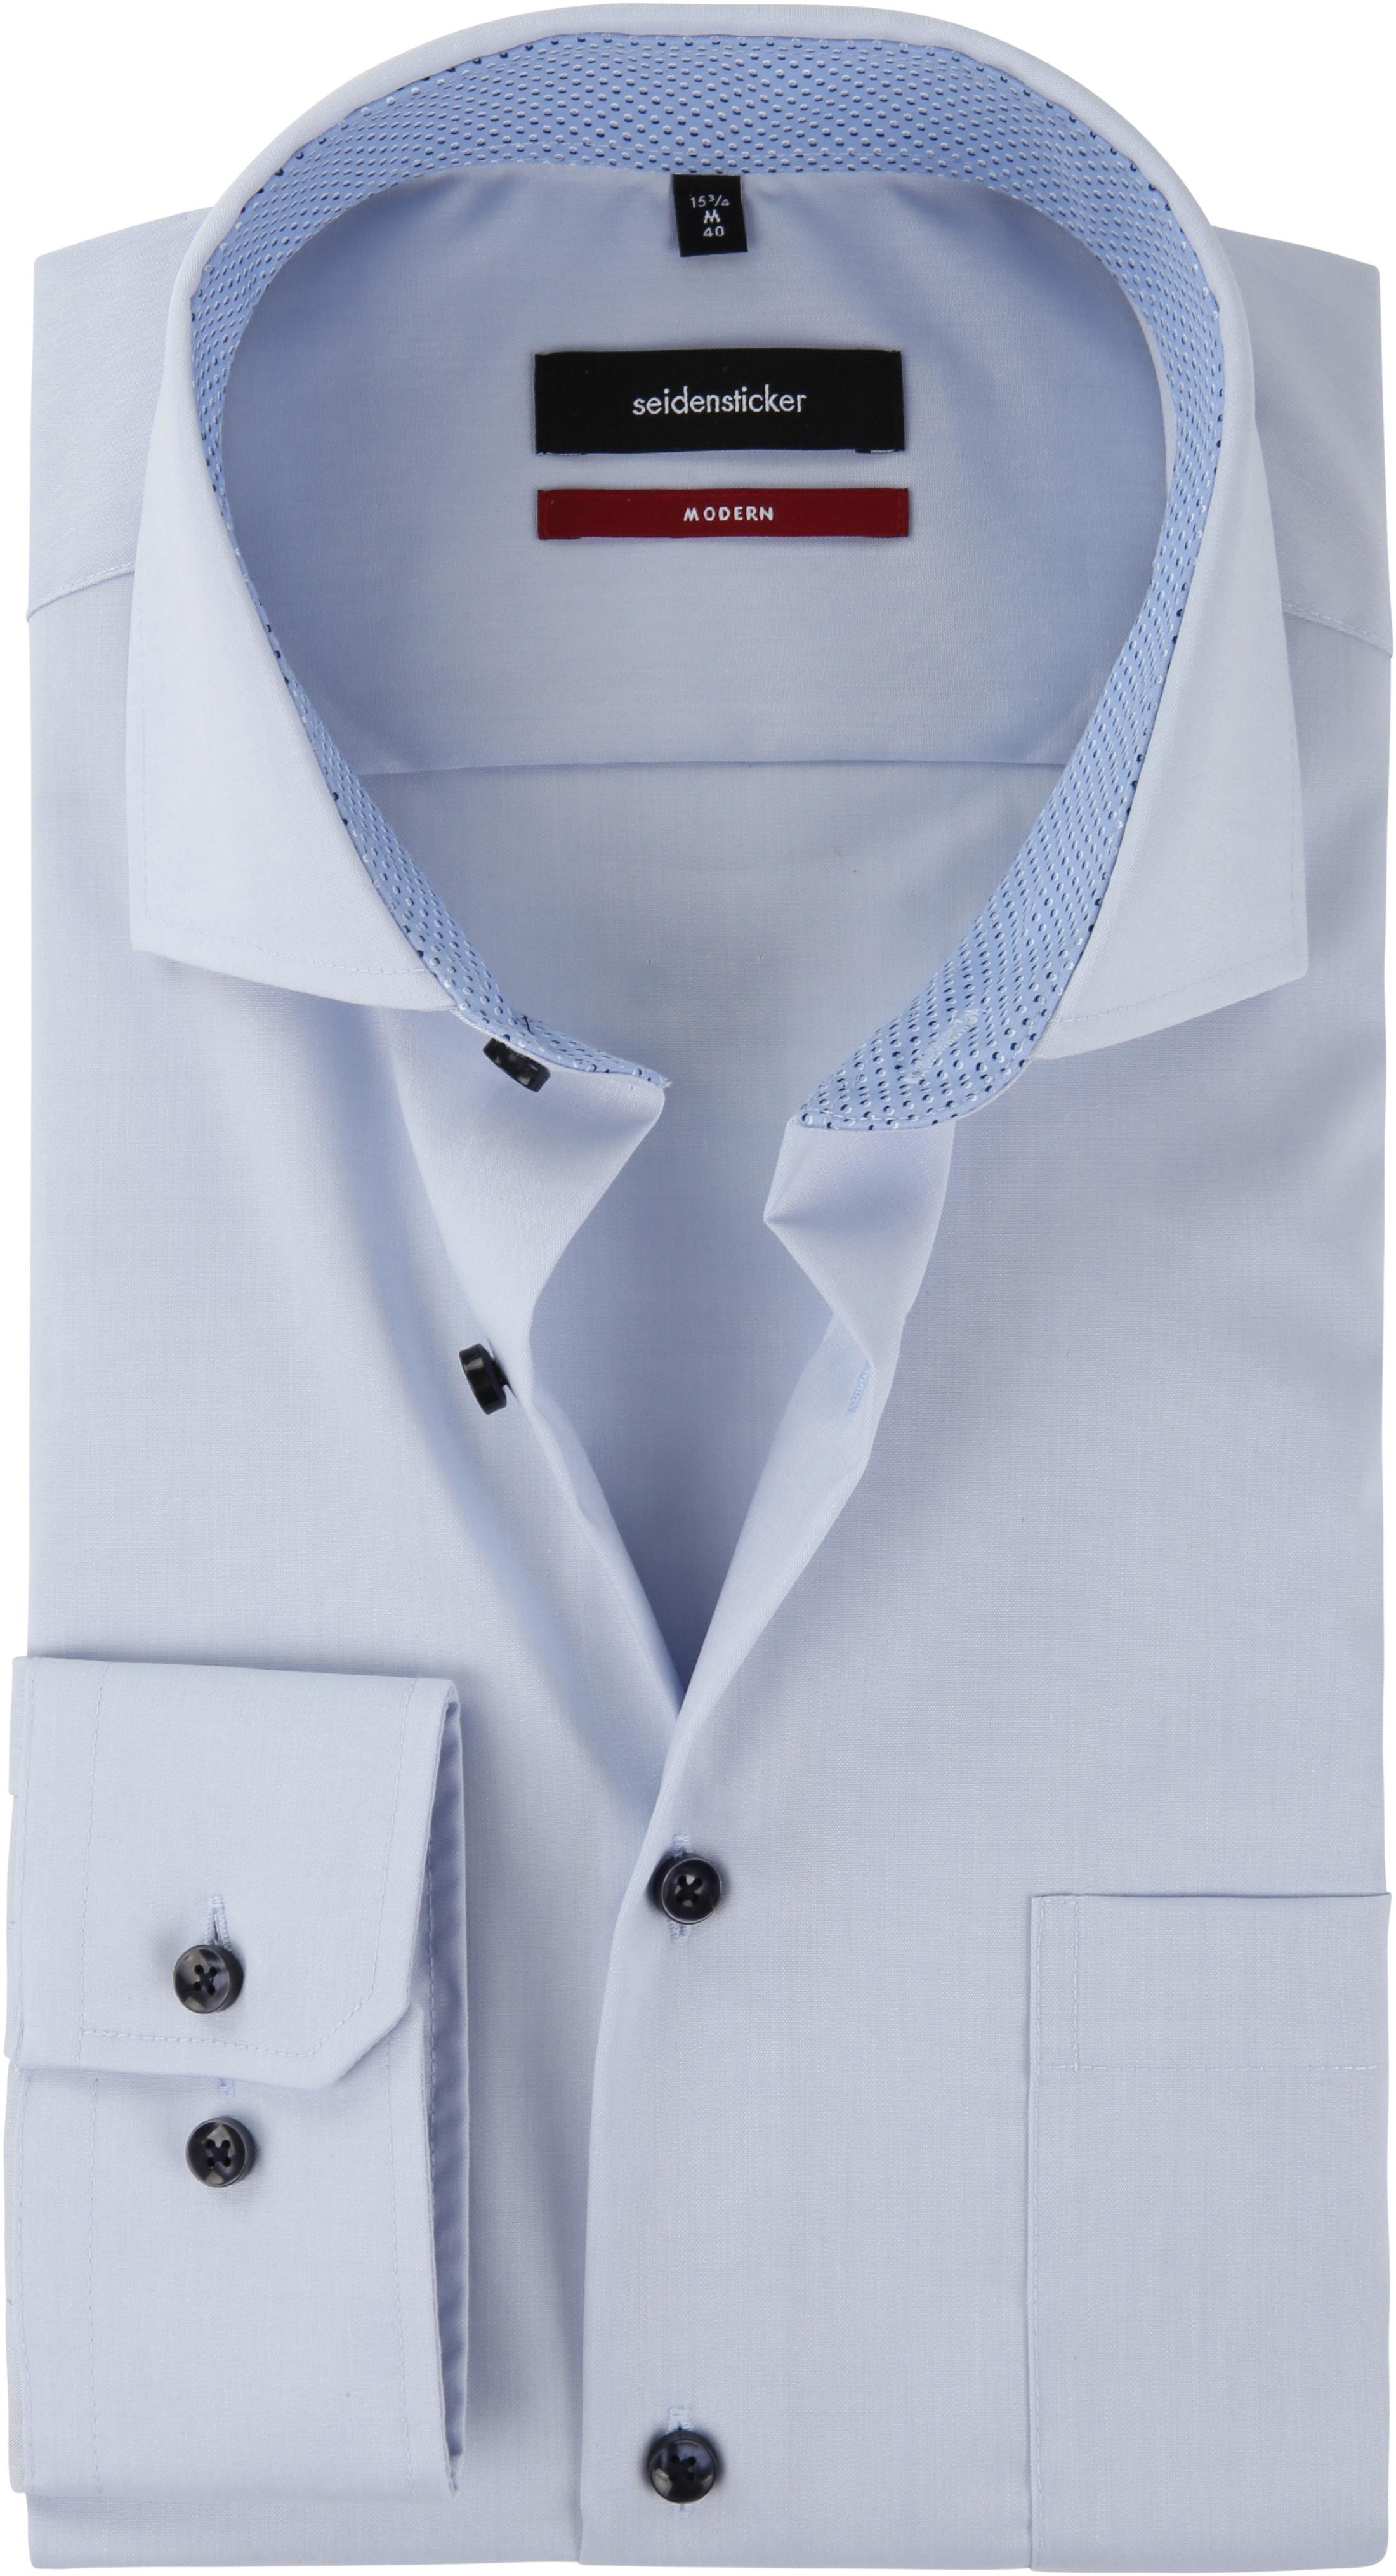 Seidensticker Hemd Modern-Fit 539 foto 0